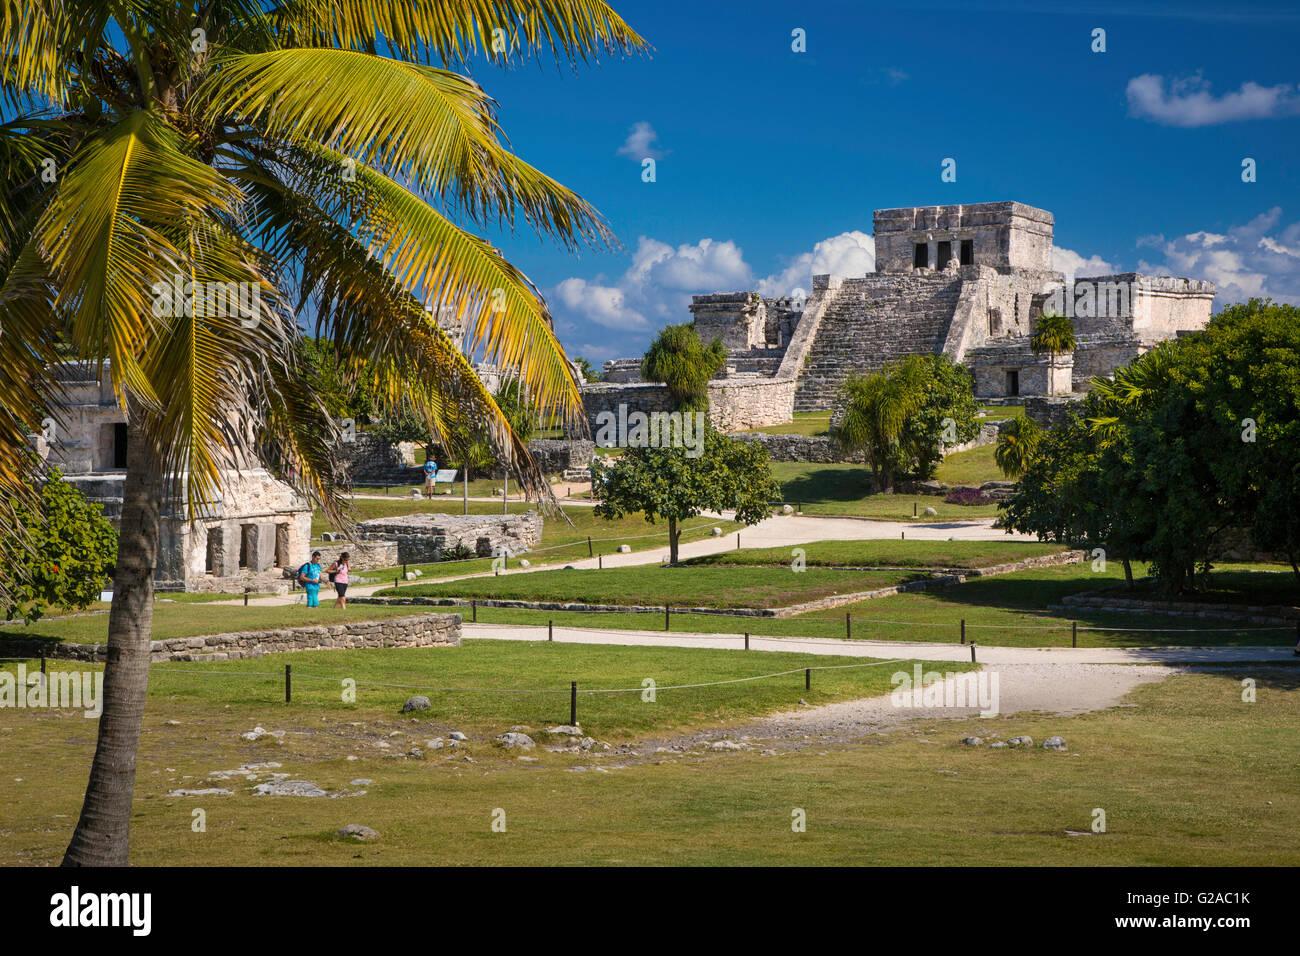 Rovine del tempio Maya motivi a Tulum, Quintana Roo, Yucatan, Messico Immagini Stock